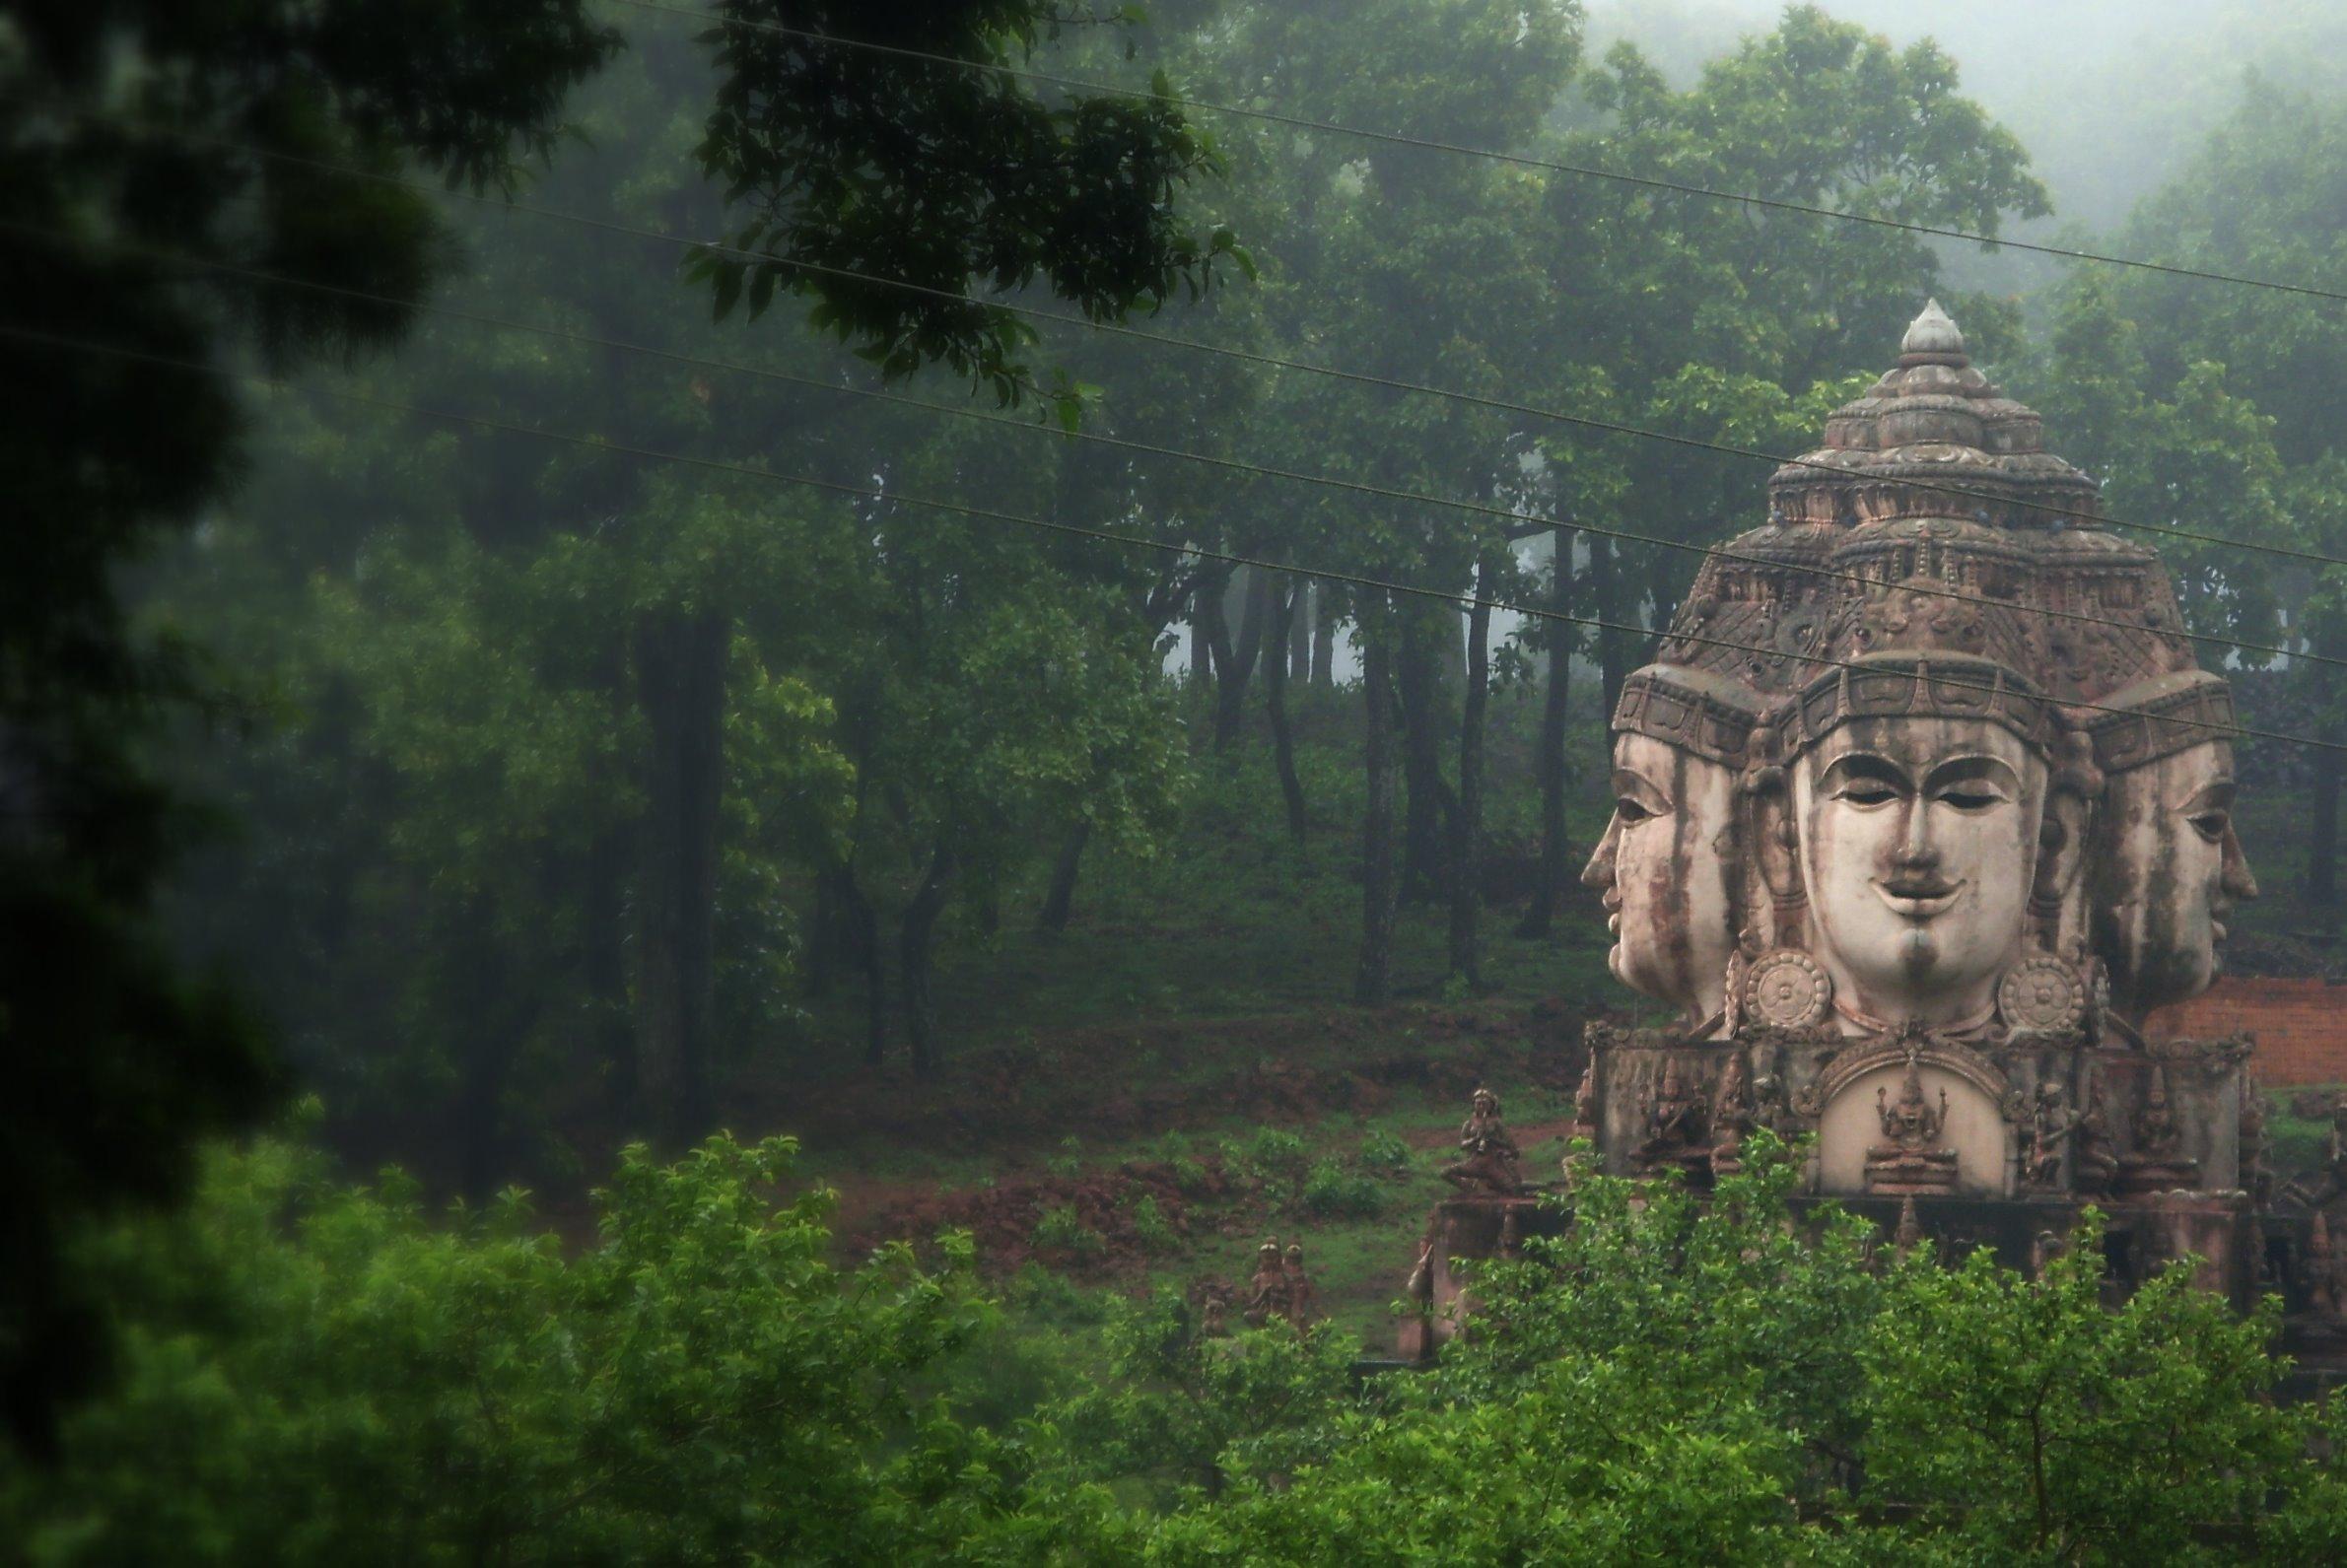 Amarkantak Amazing Place to Visit-Trimukhi Temple